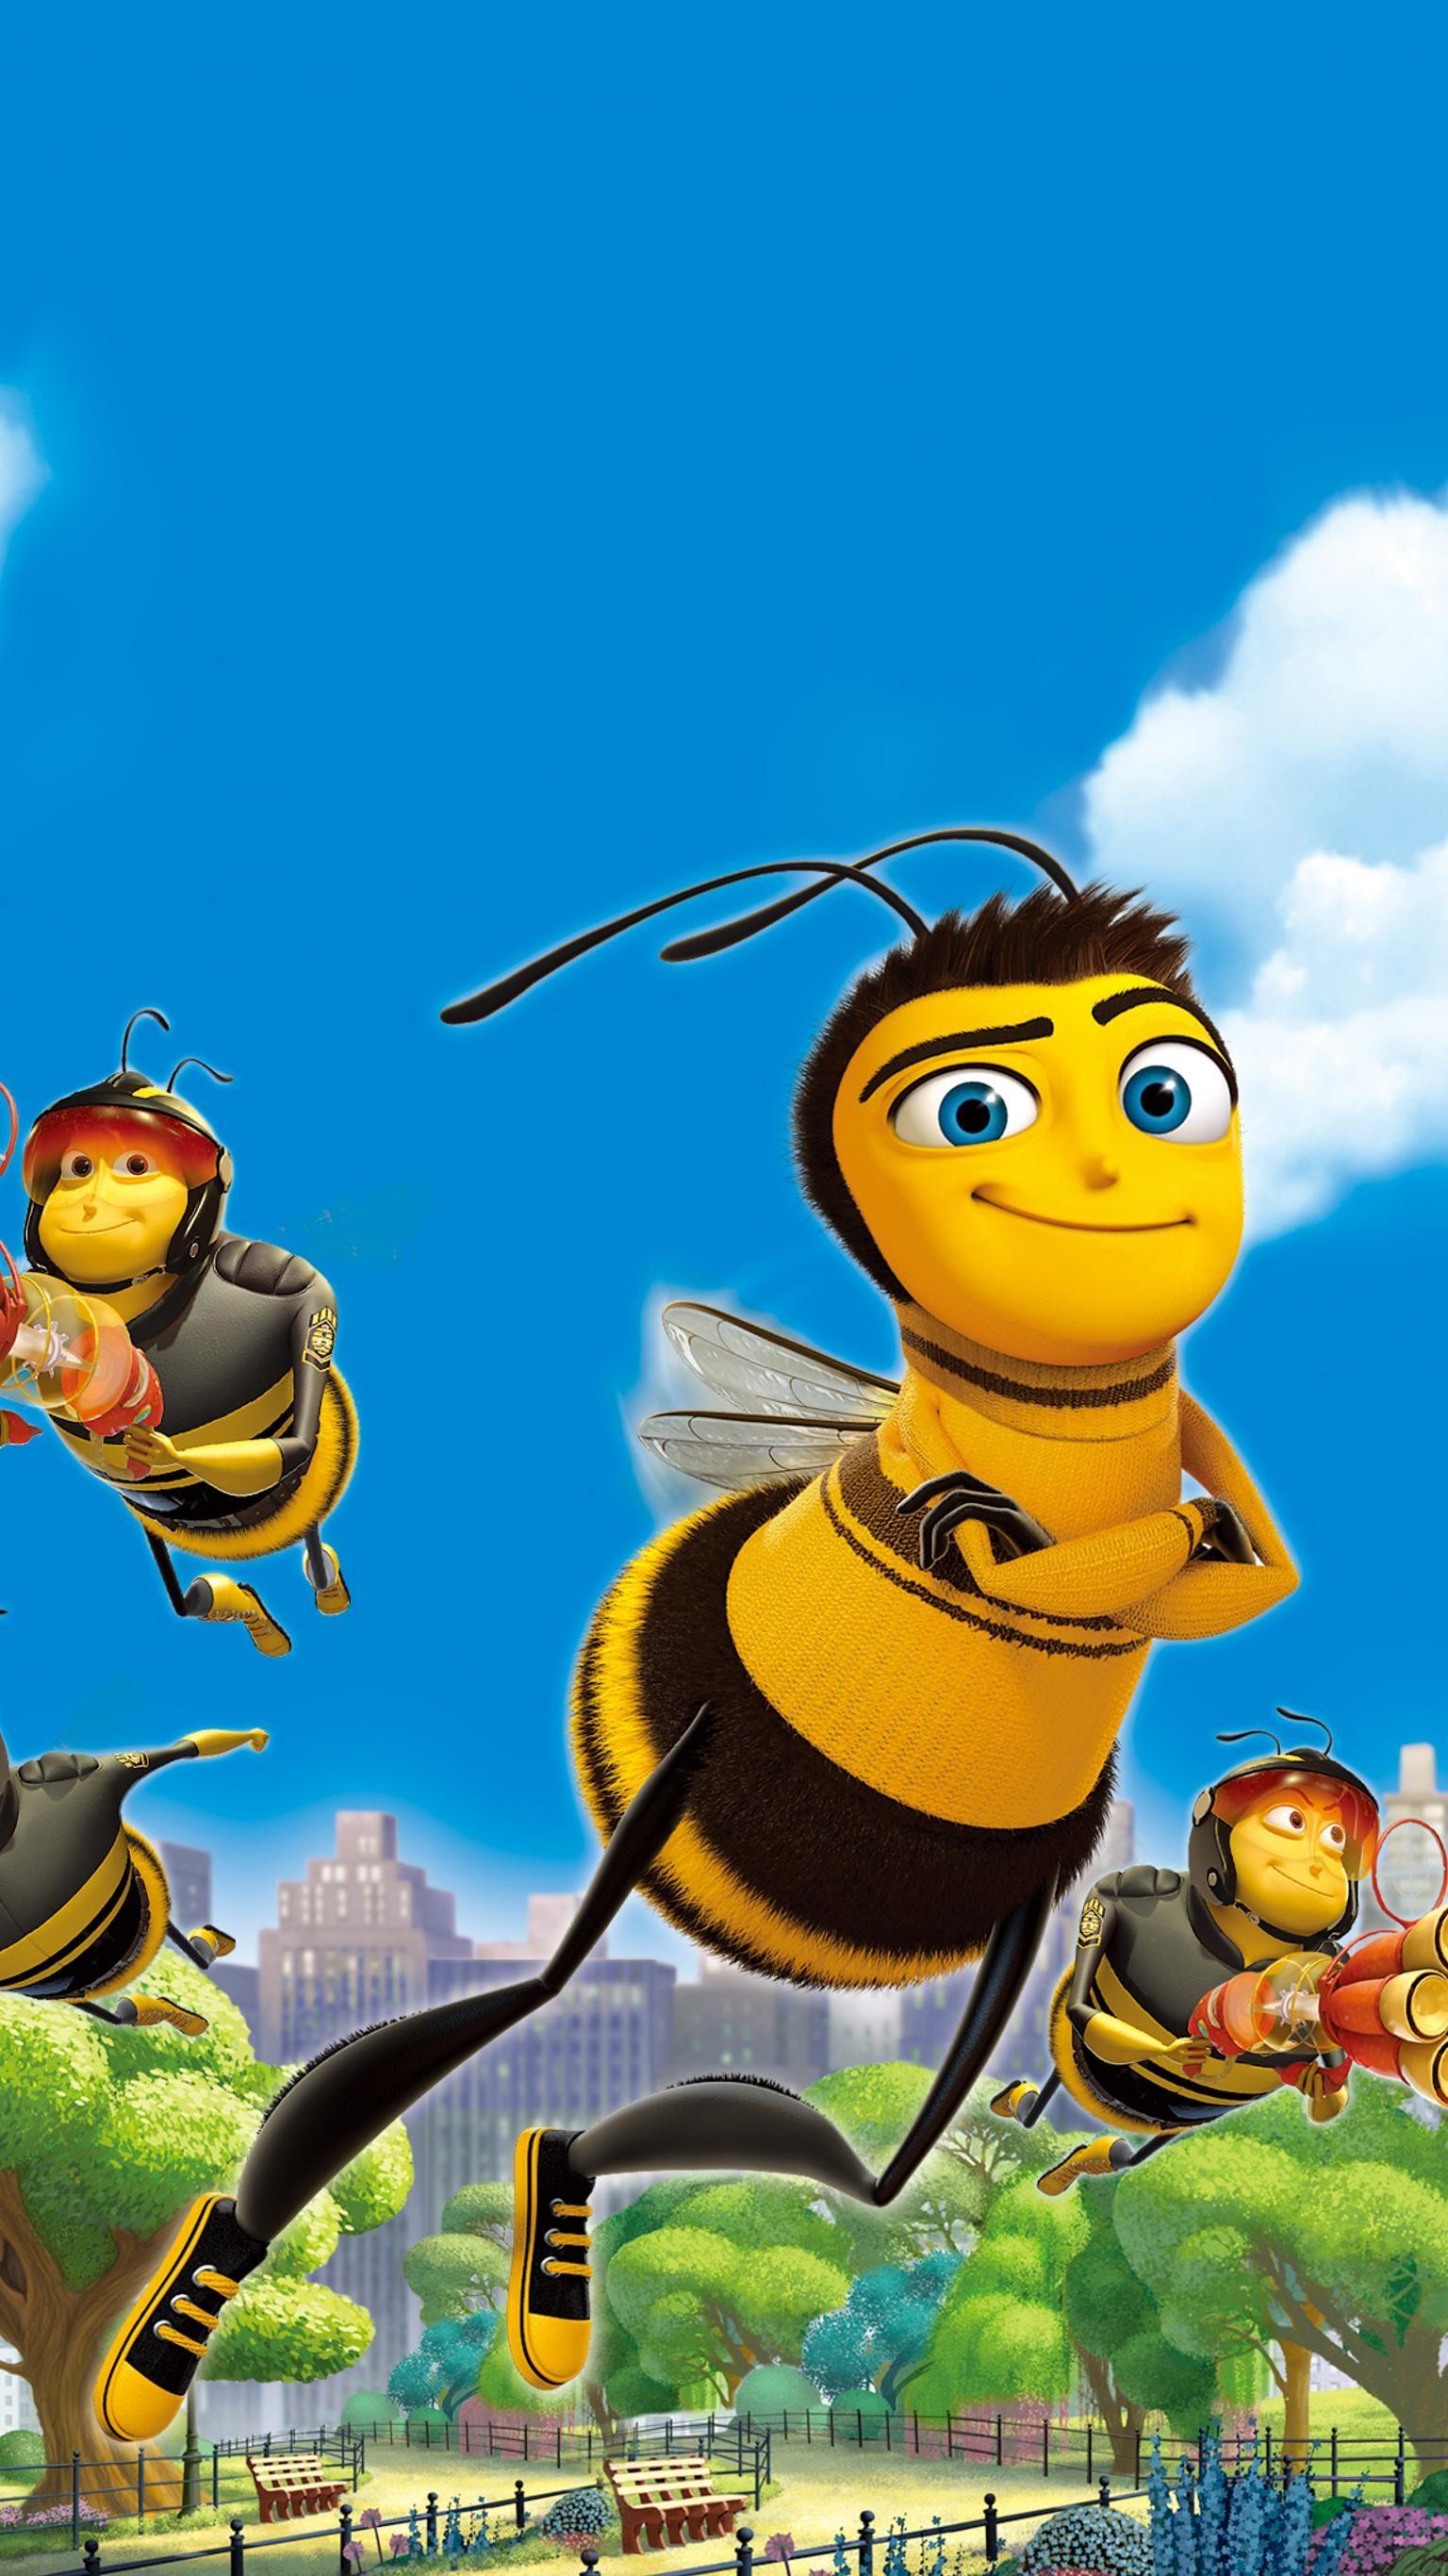 Bee Movie 2007 Phone Wallpaper Cute Cartoon Wallpapers Disney Drawings Bee Movie